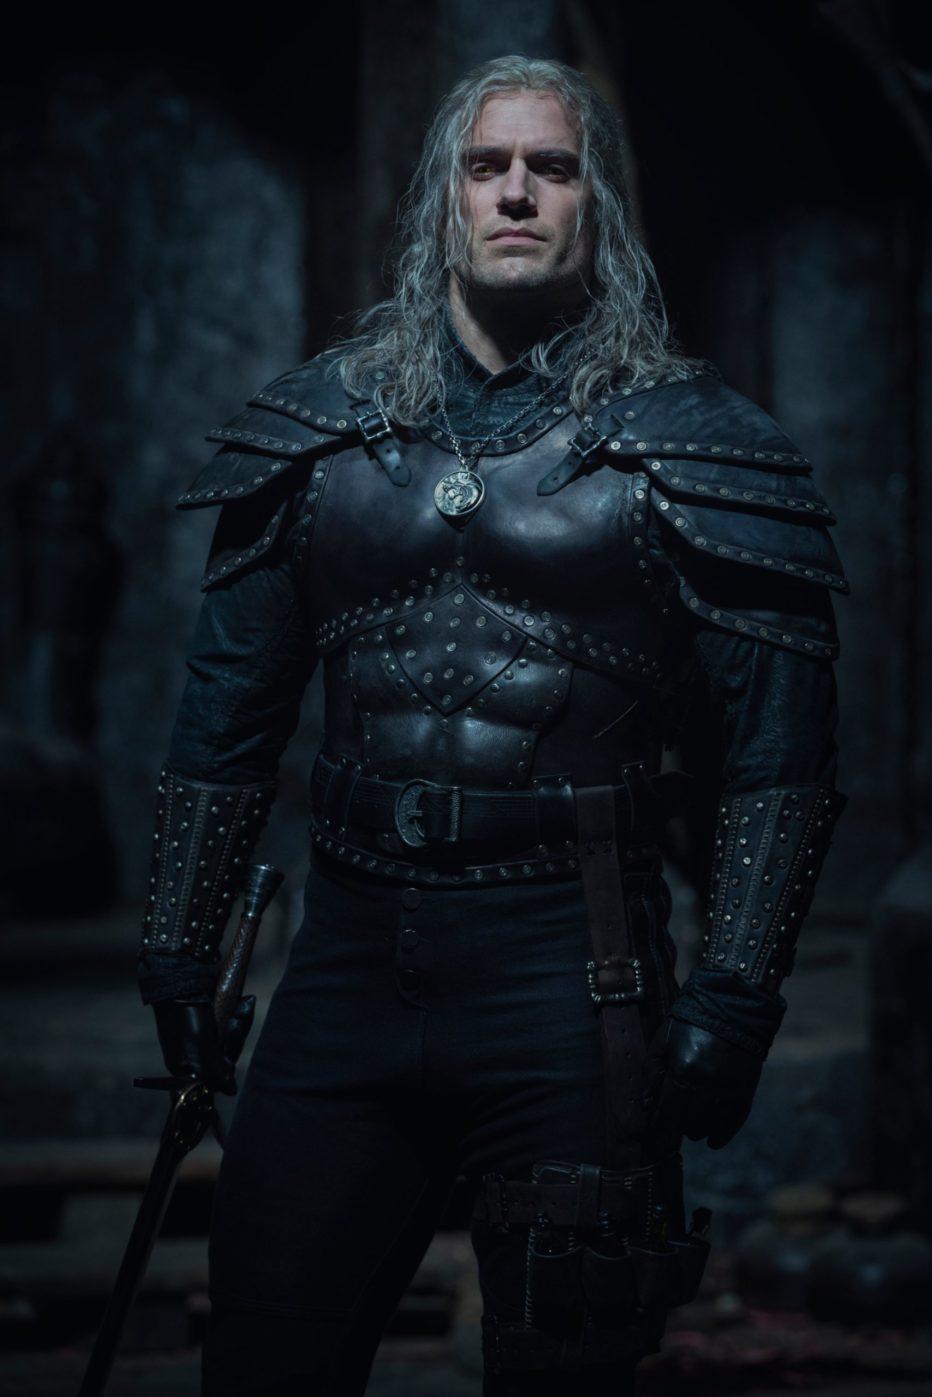 Witcher-Season-2-Netflix-promo-image-02-scaled.jpg